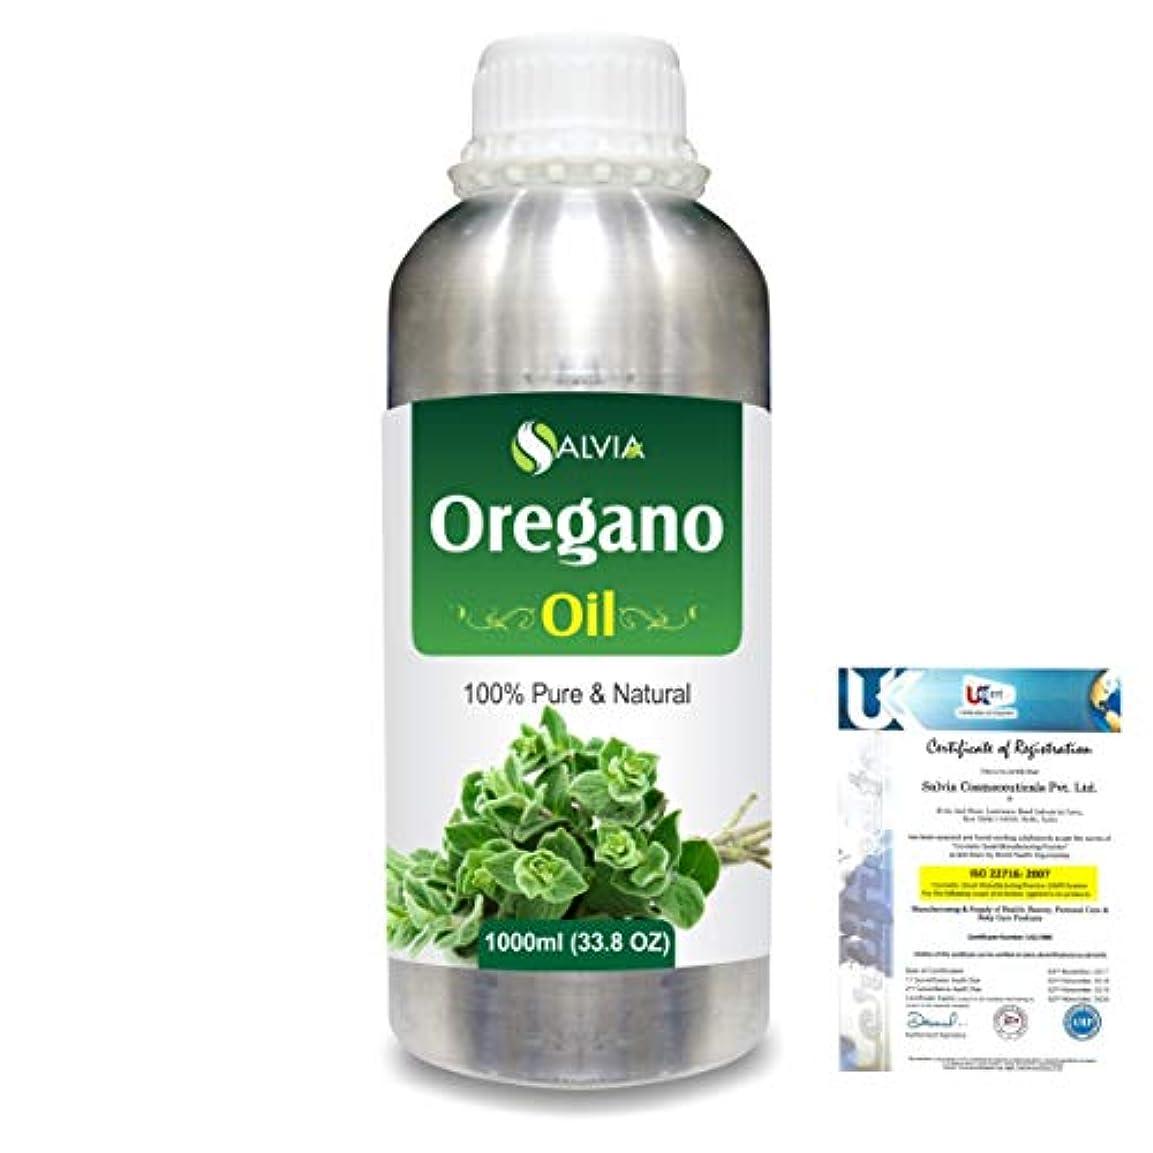 払い戻し広々数Oregano (Origanum vulgare) 100% Natural Pure Essential Oil 1000ml/33.8fl.oz.